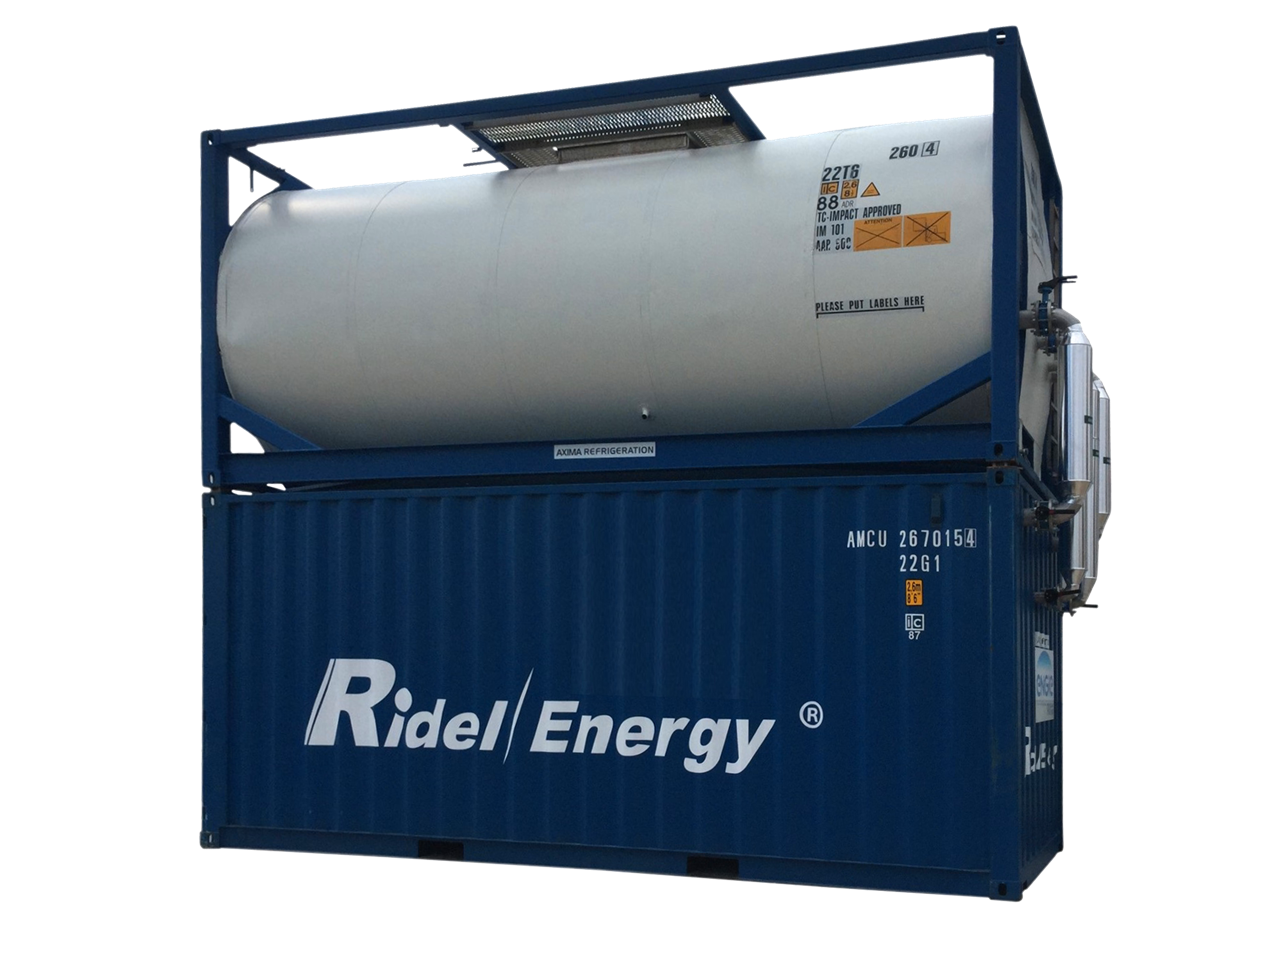 Recuperation de chaleur latente pour l'industrie RidelCub RidelEnergy